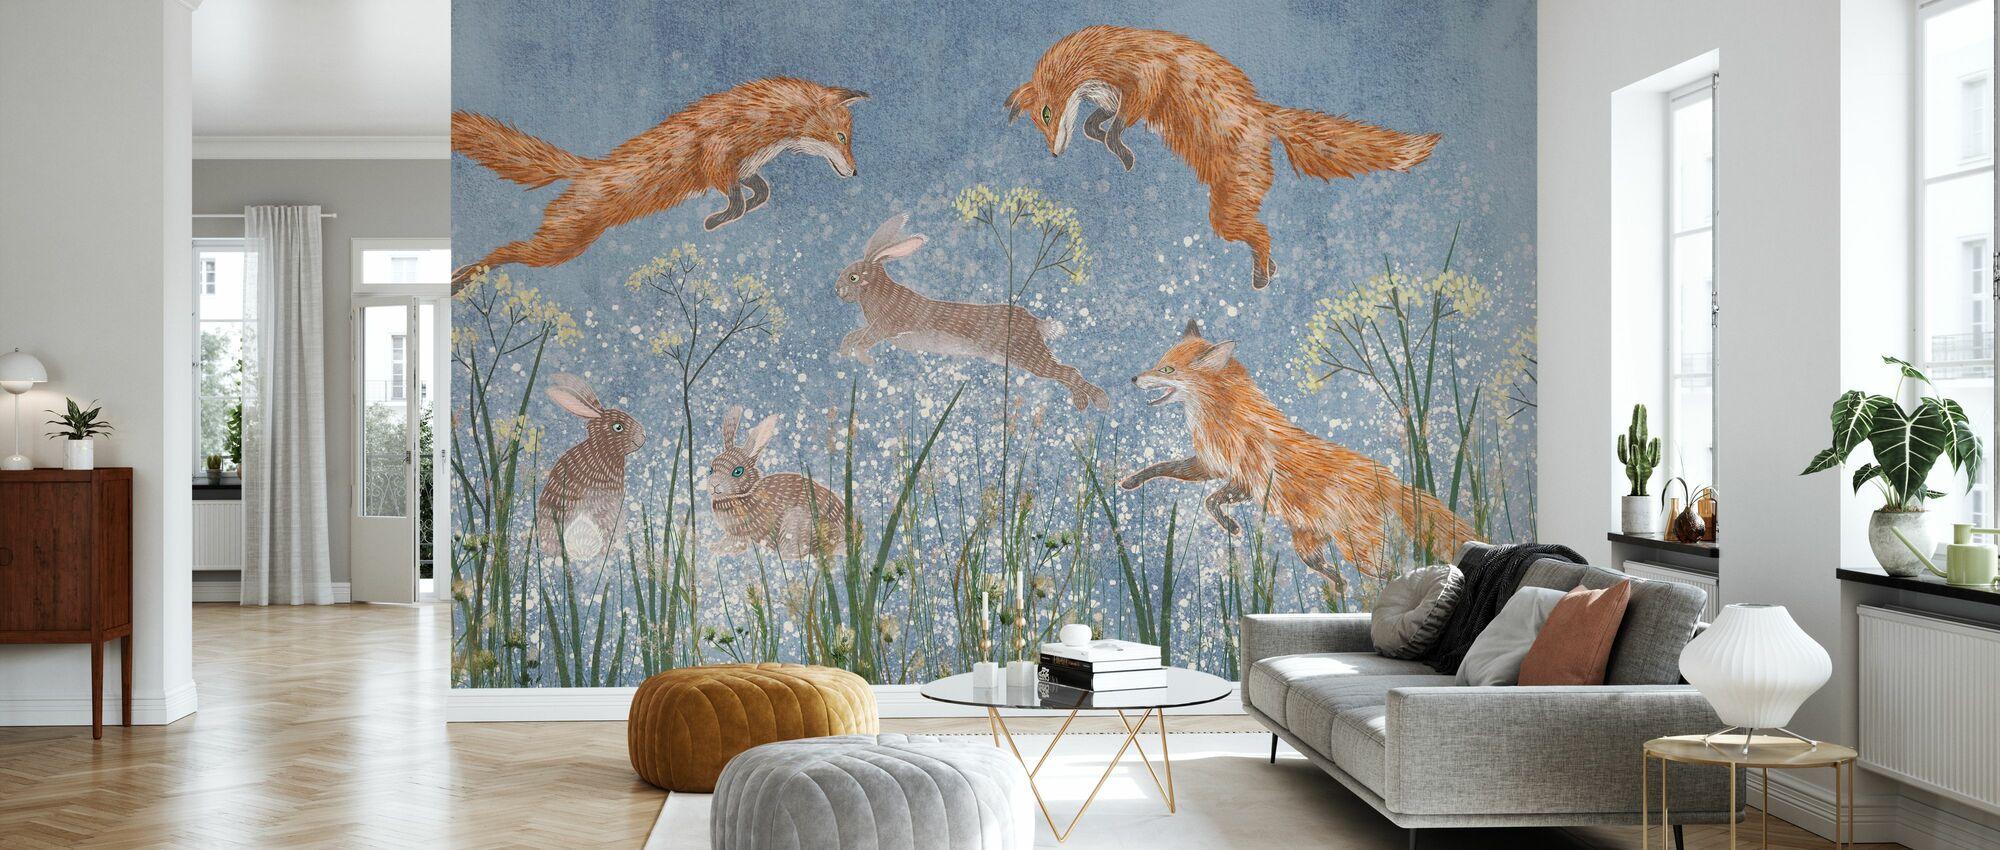 Springen Füchse - Tapete - Wohnzimmer